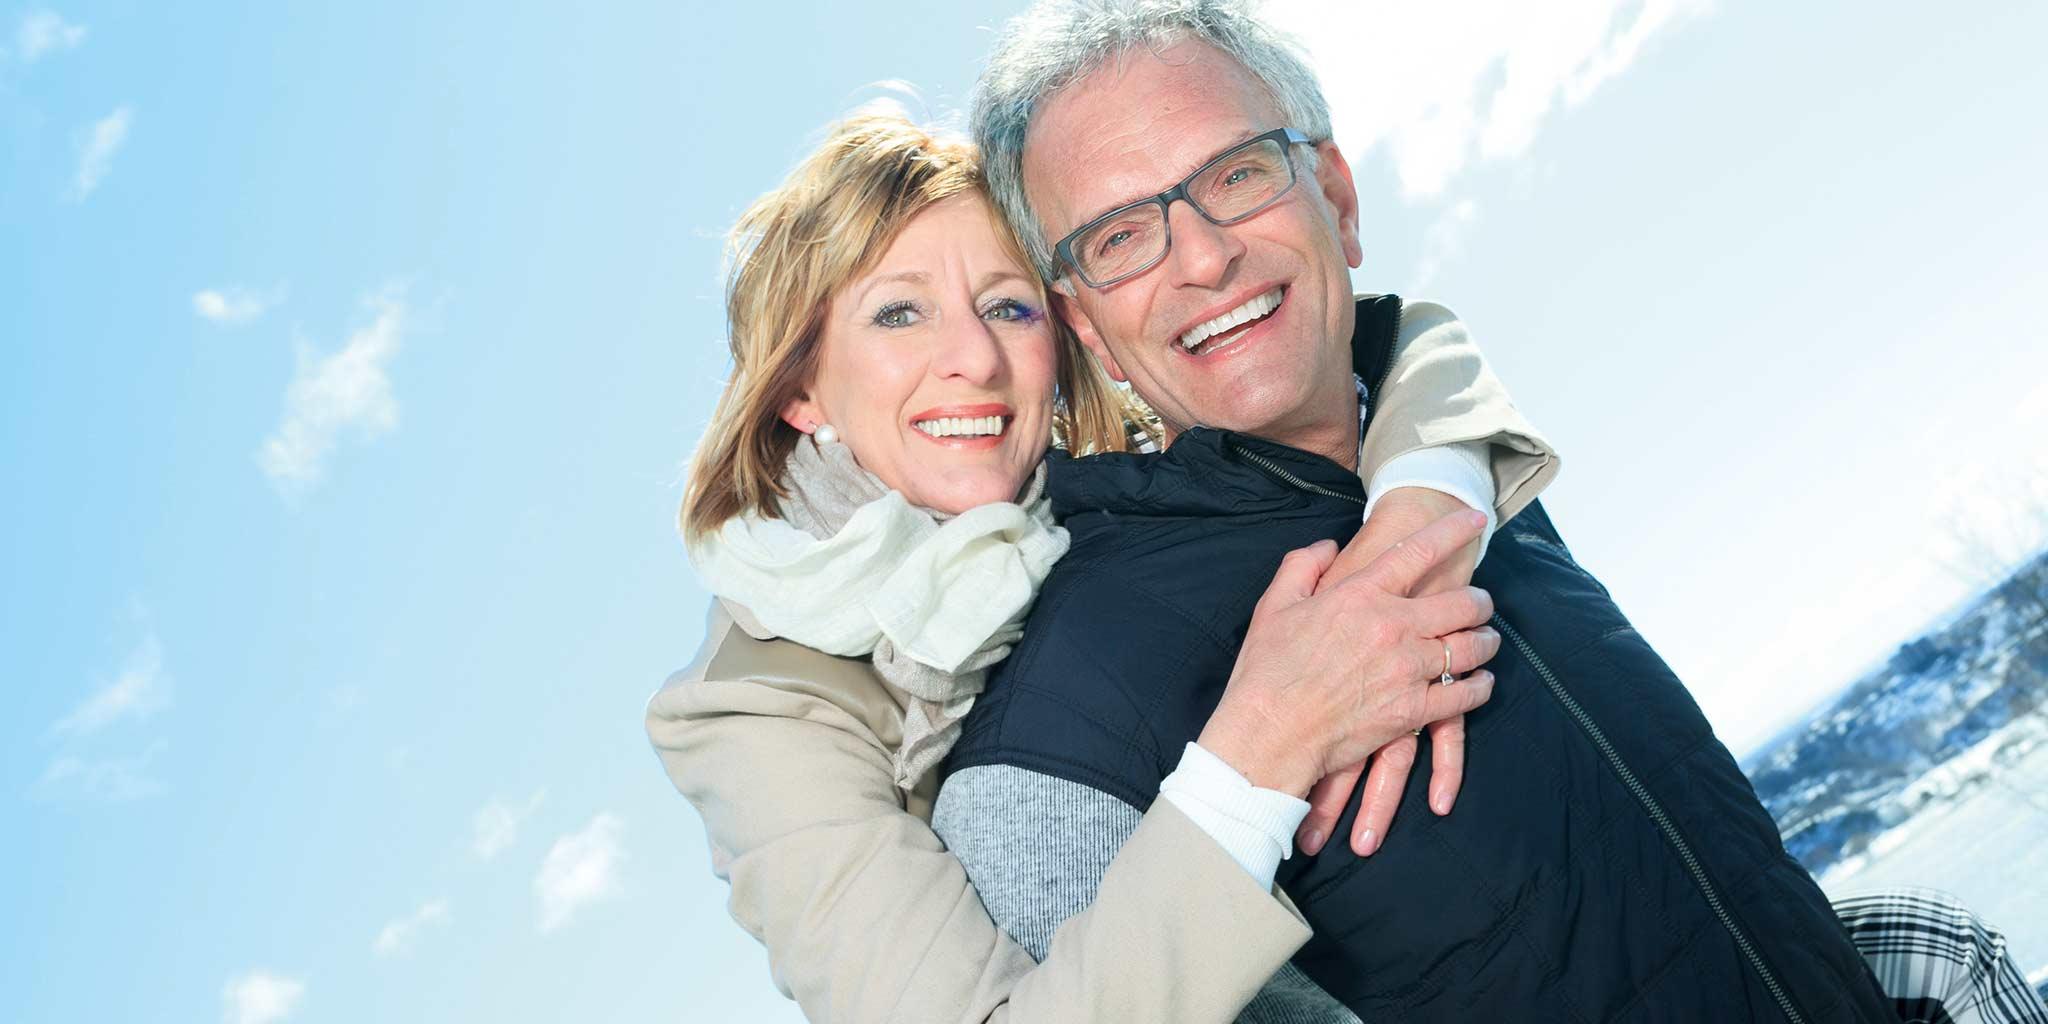 Vrouw omhelst man met een bril en kijken lachend naar de camera